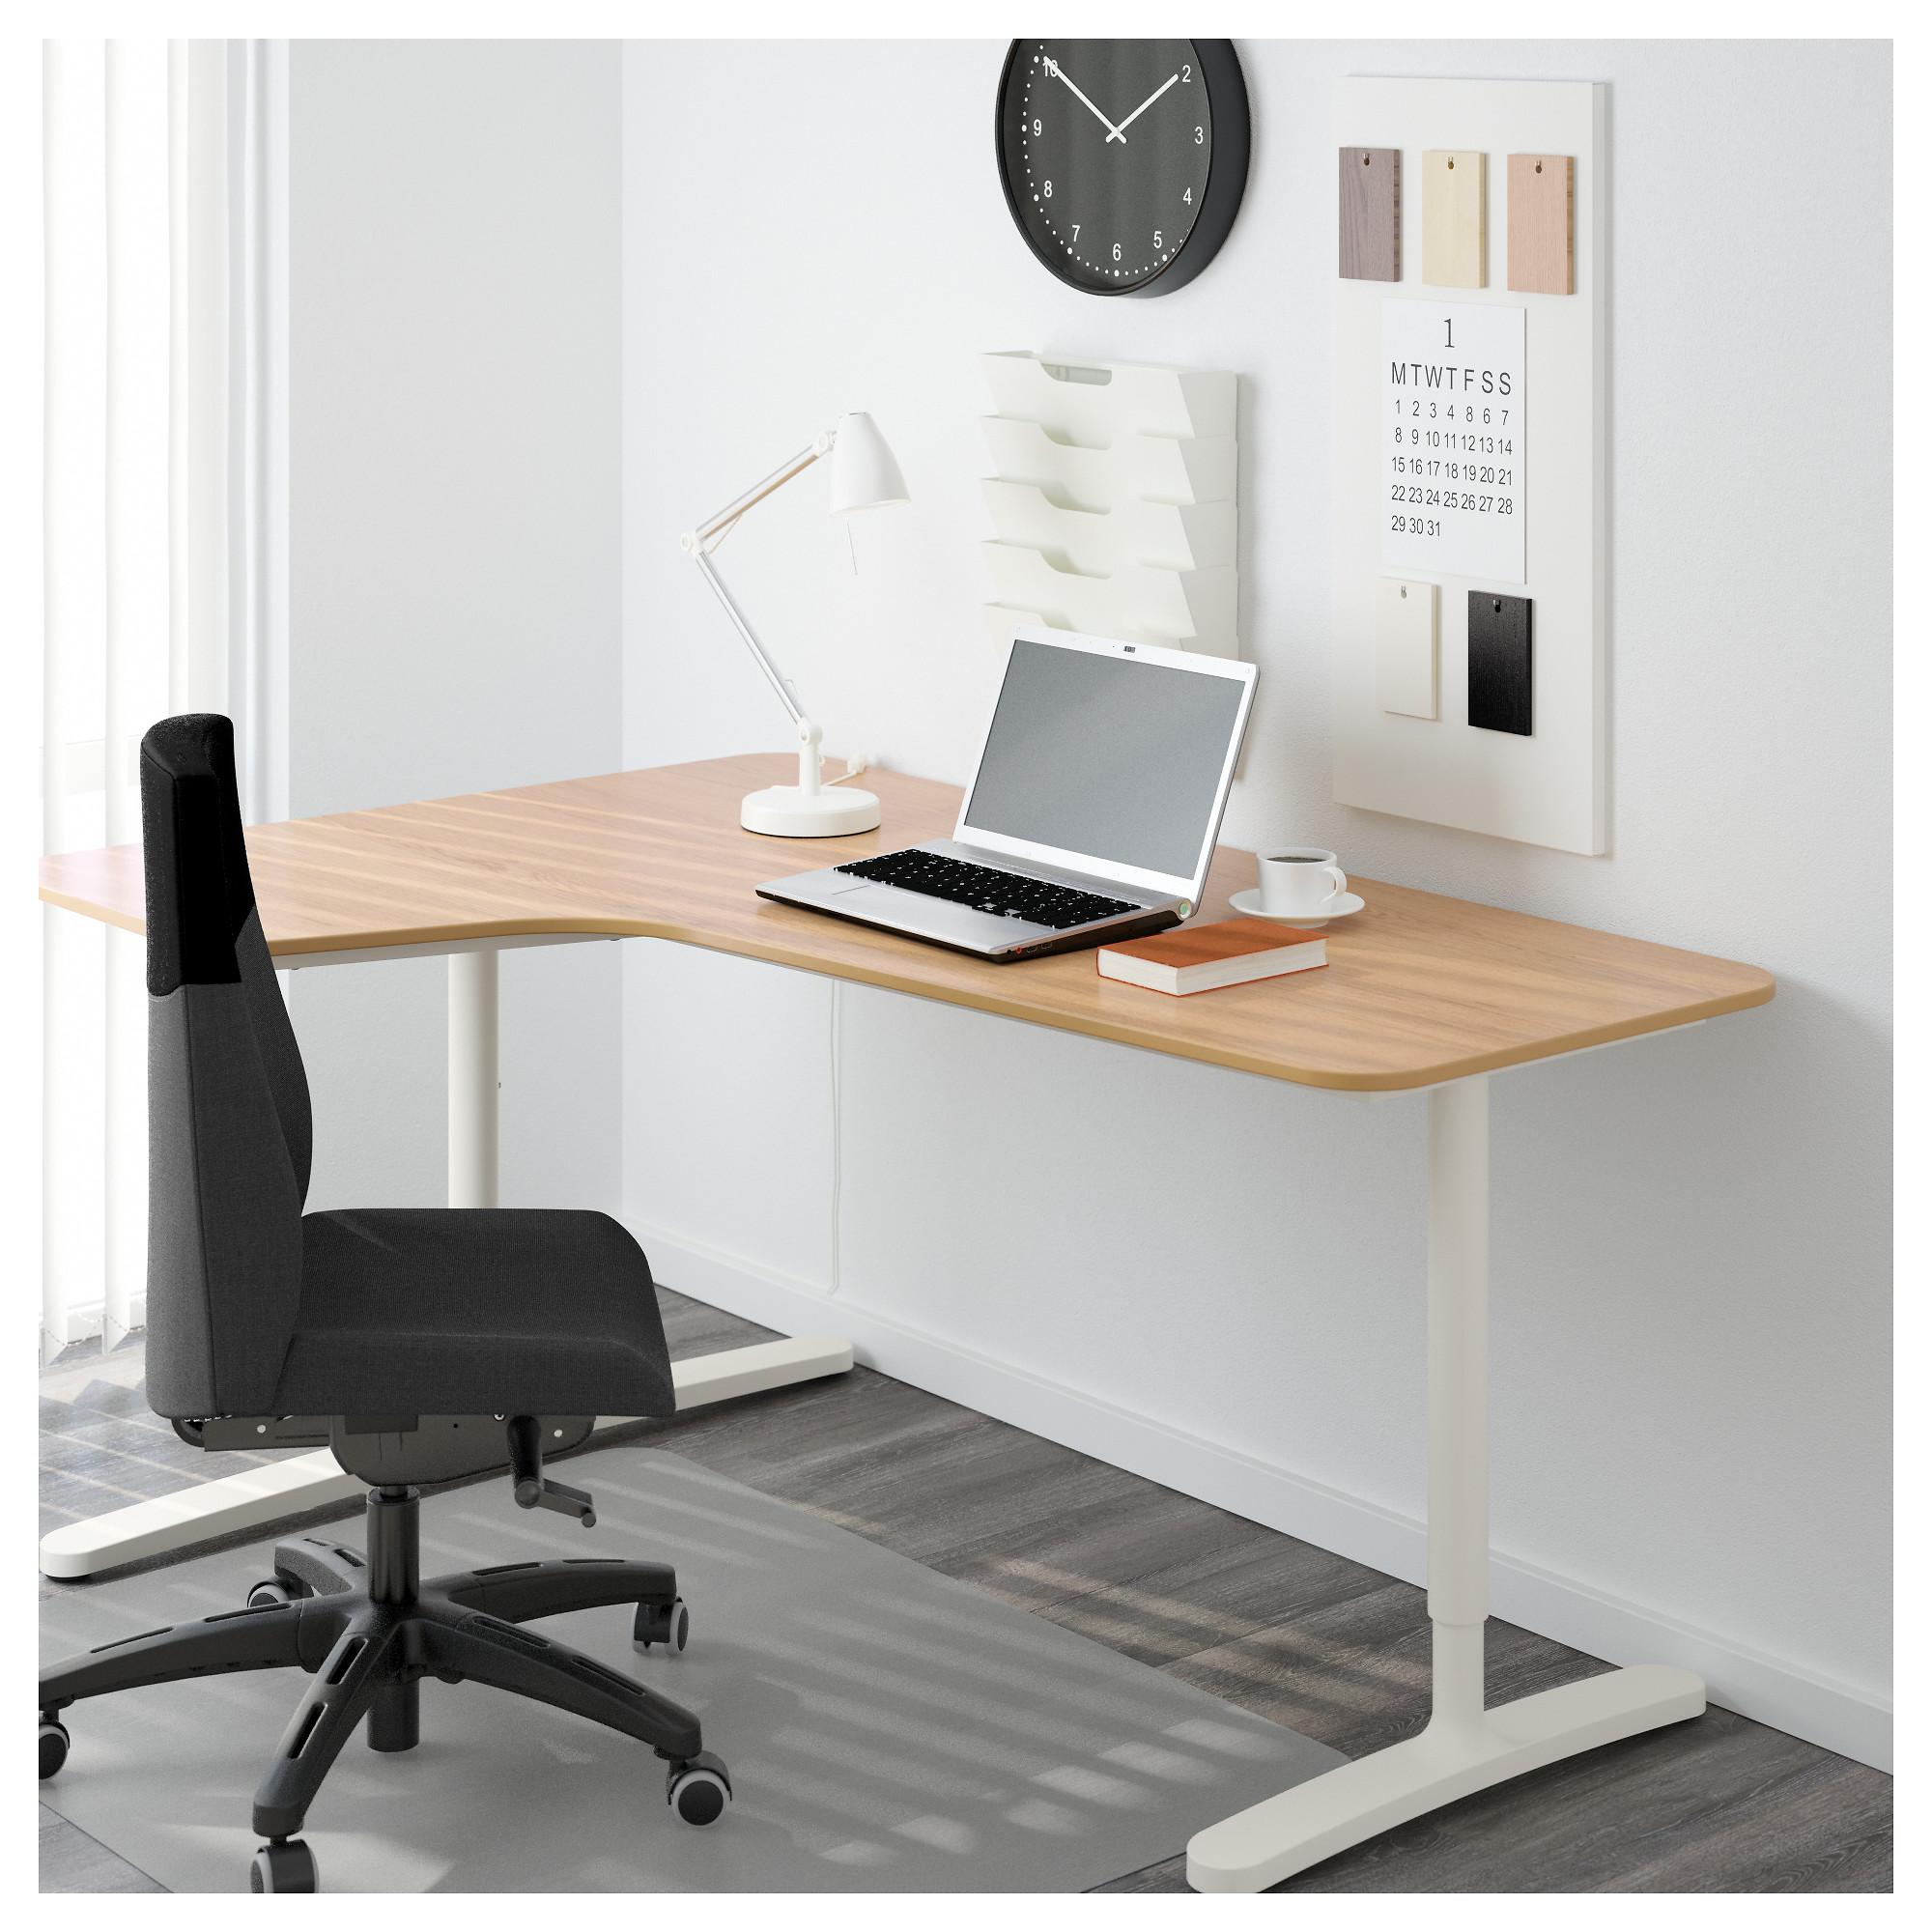 Угловой письменный стол левосторонний БЕКАНТ белый артикуль № 592.784.54 в наличии. Онлайн магазин ИКЕА РБ. Недорогая доставка и установка.